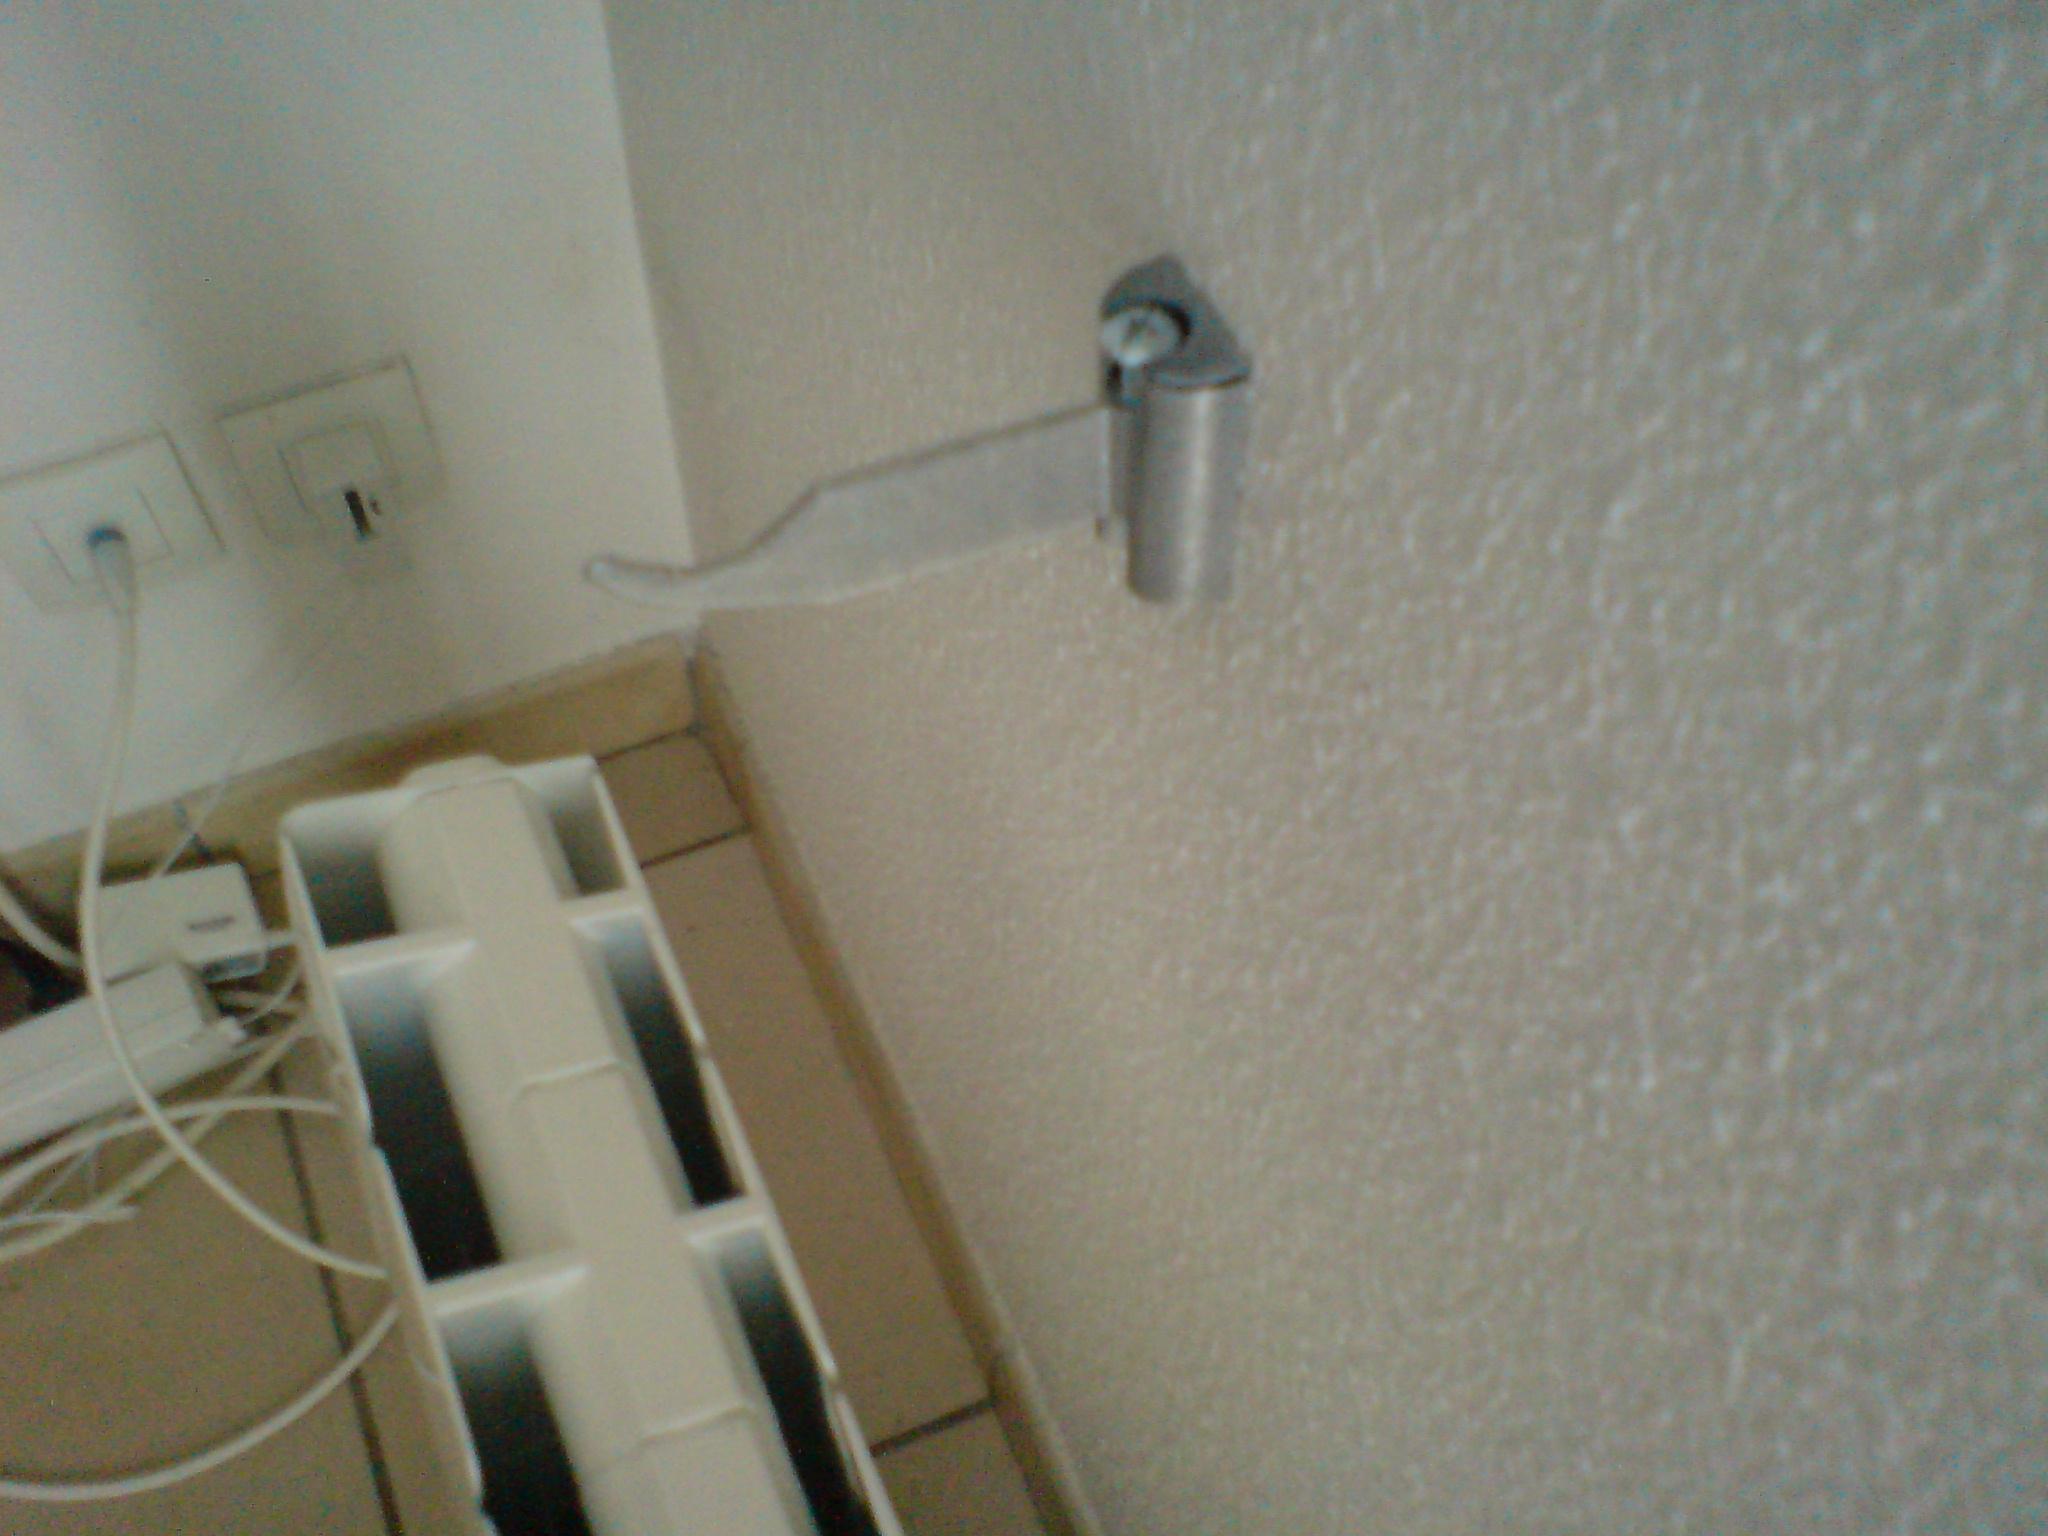 Scellement chimique pour radiateur - Fixation radiateur placo ...